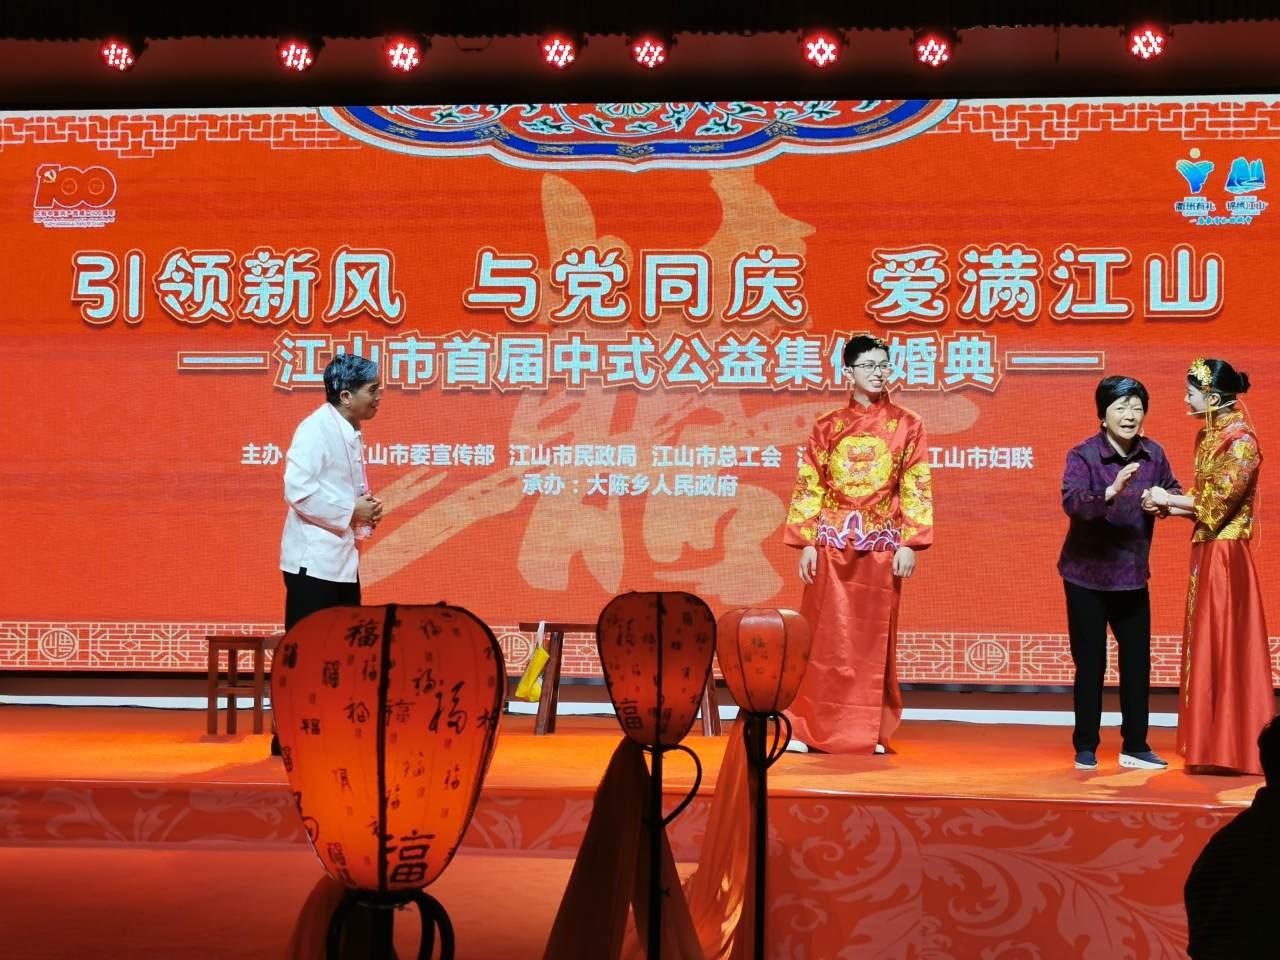 引领婚俗新风尚,江山市举行首届中式公益集体婚典